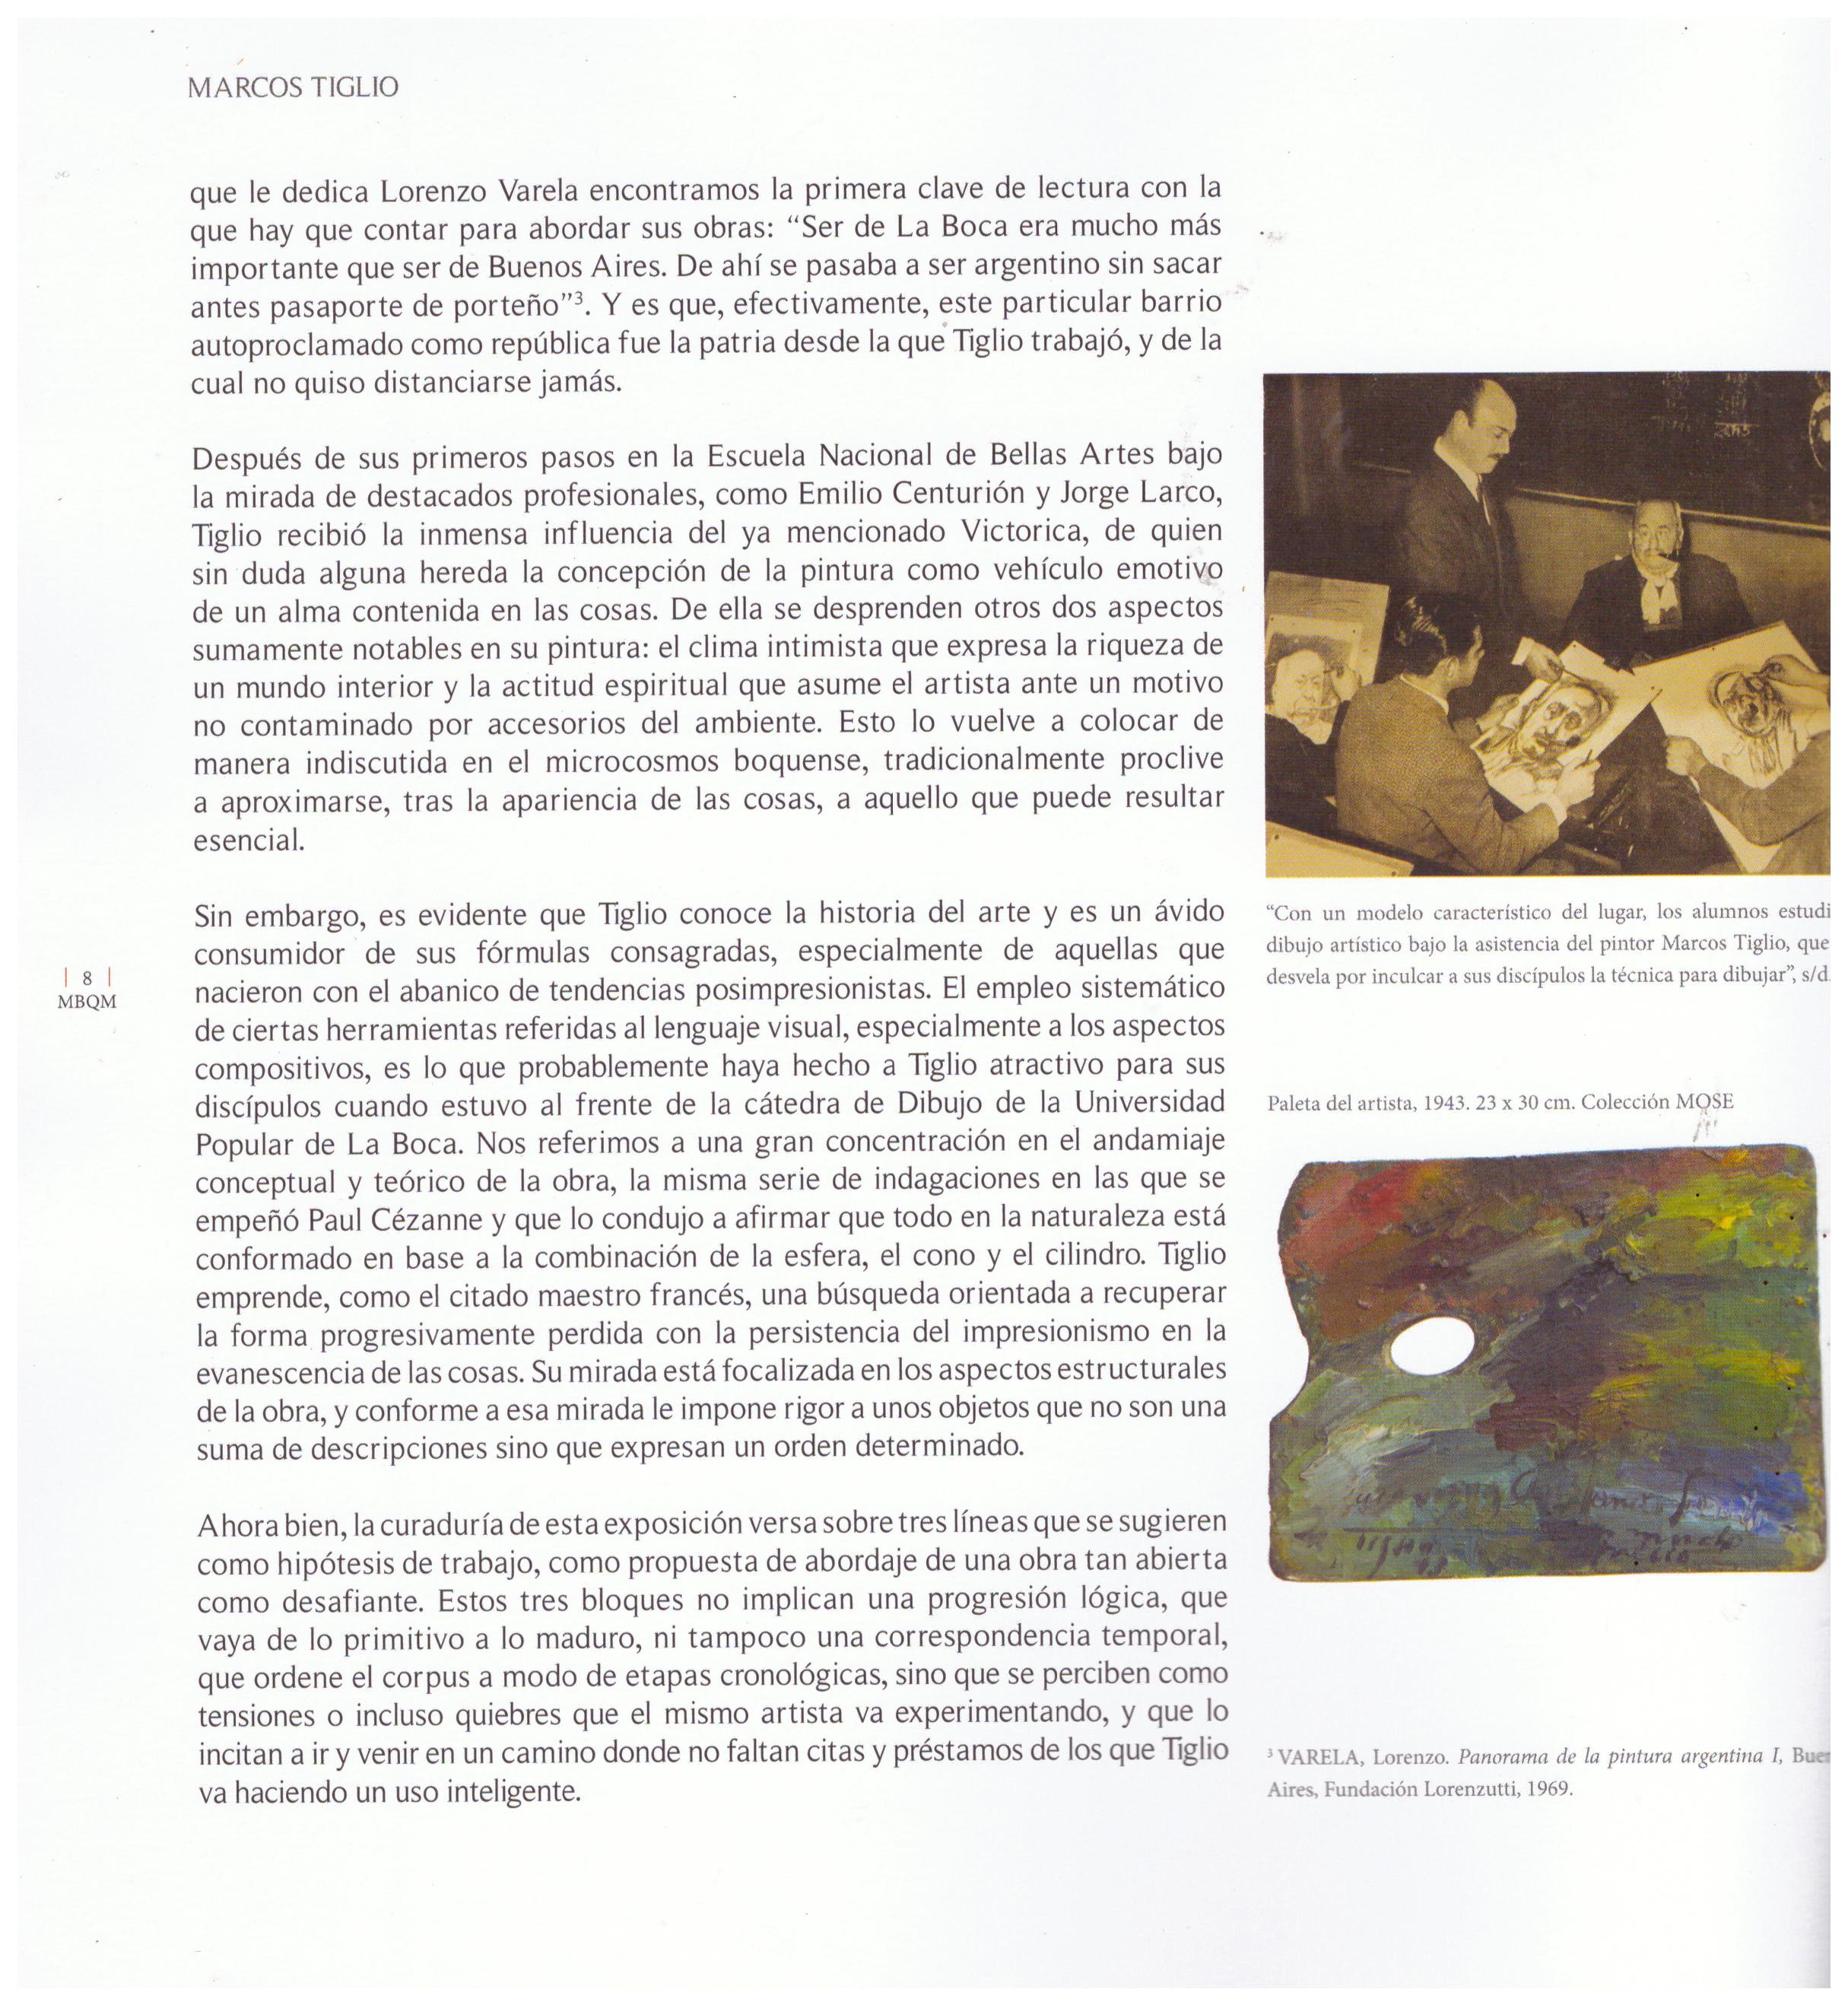 El extranjero » Blog Archive » Marcos Tiglio. La razón sensible